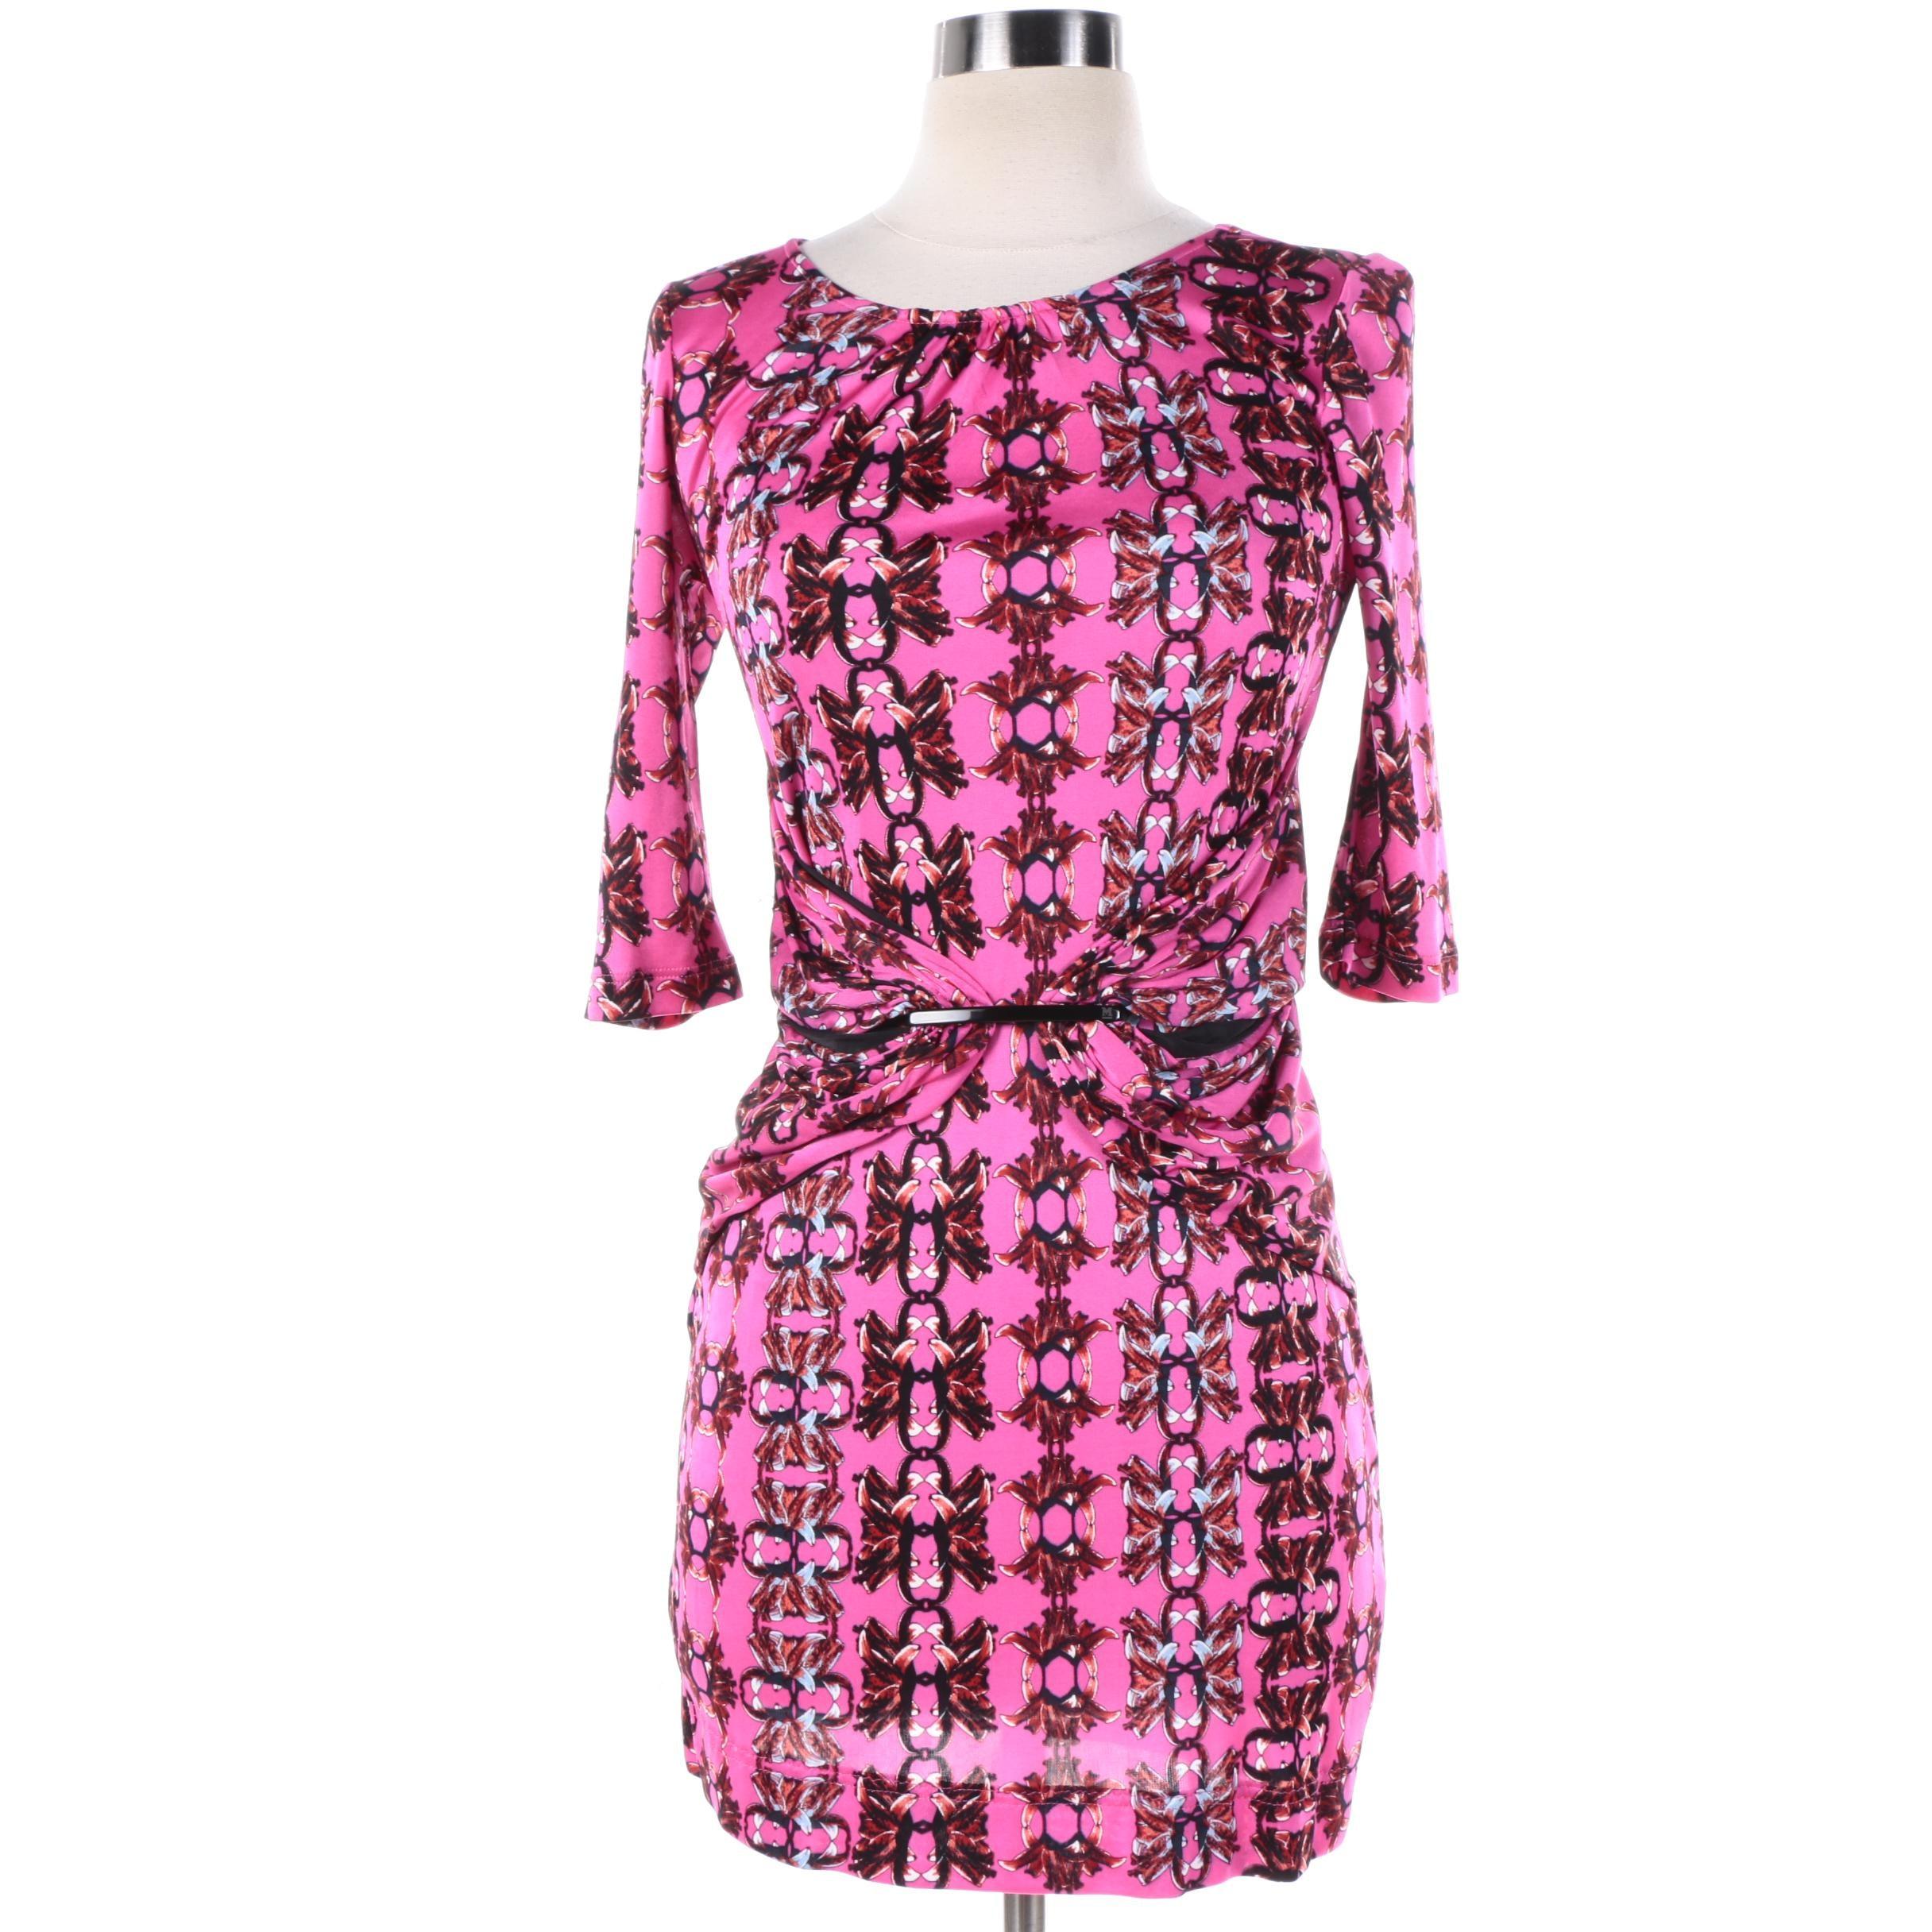 M Missoni Pink Floral Print Knit Dress